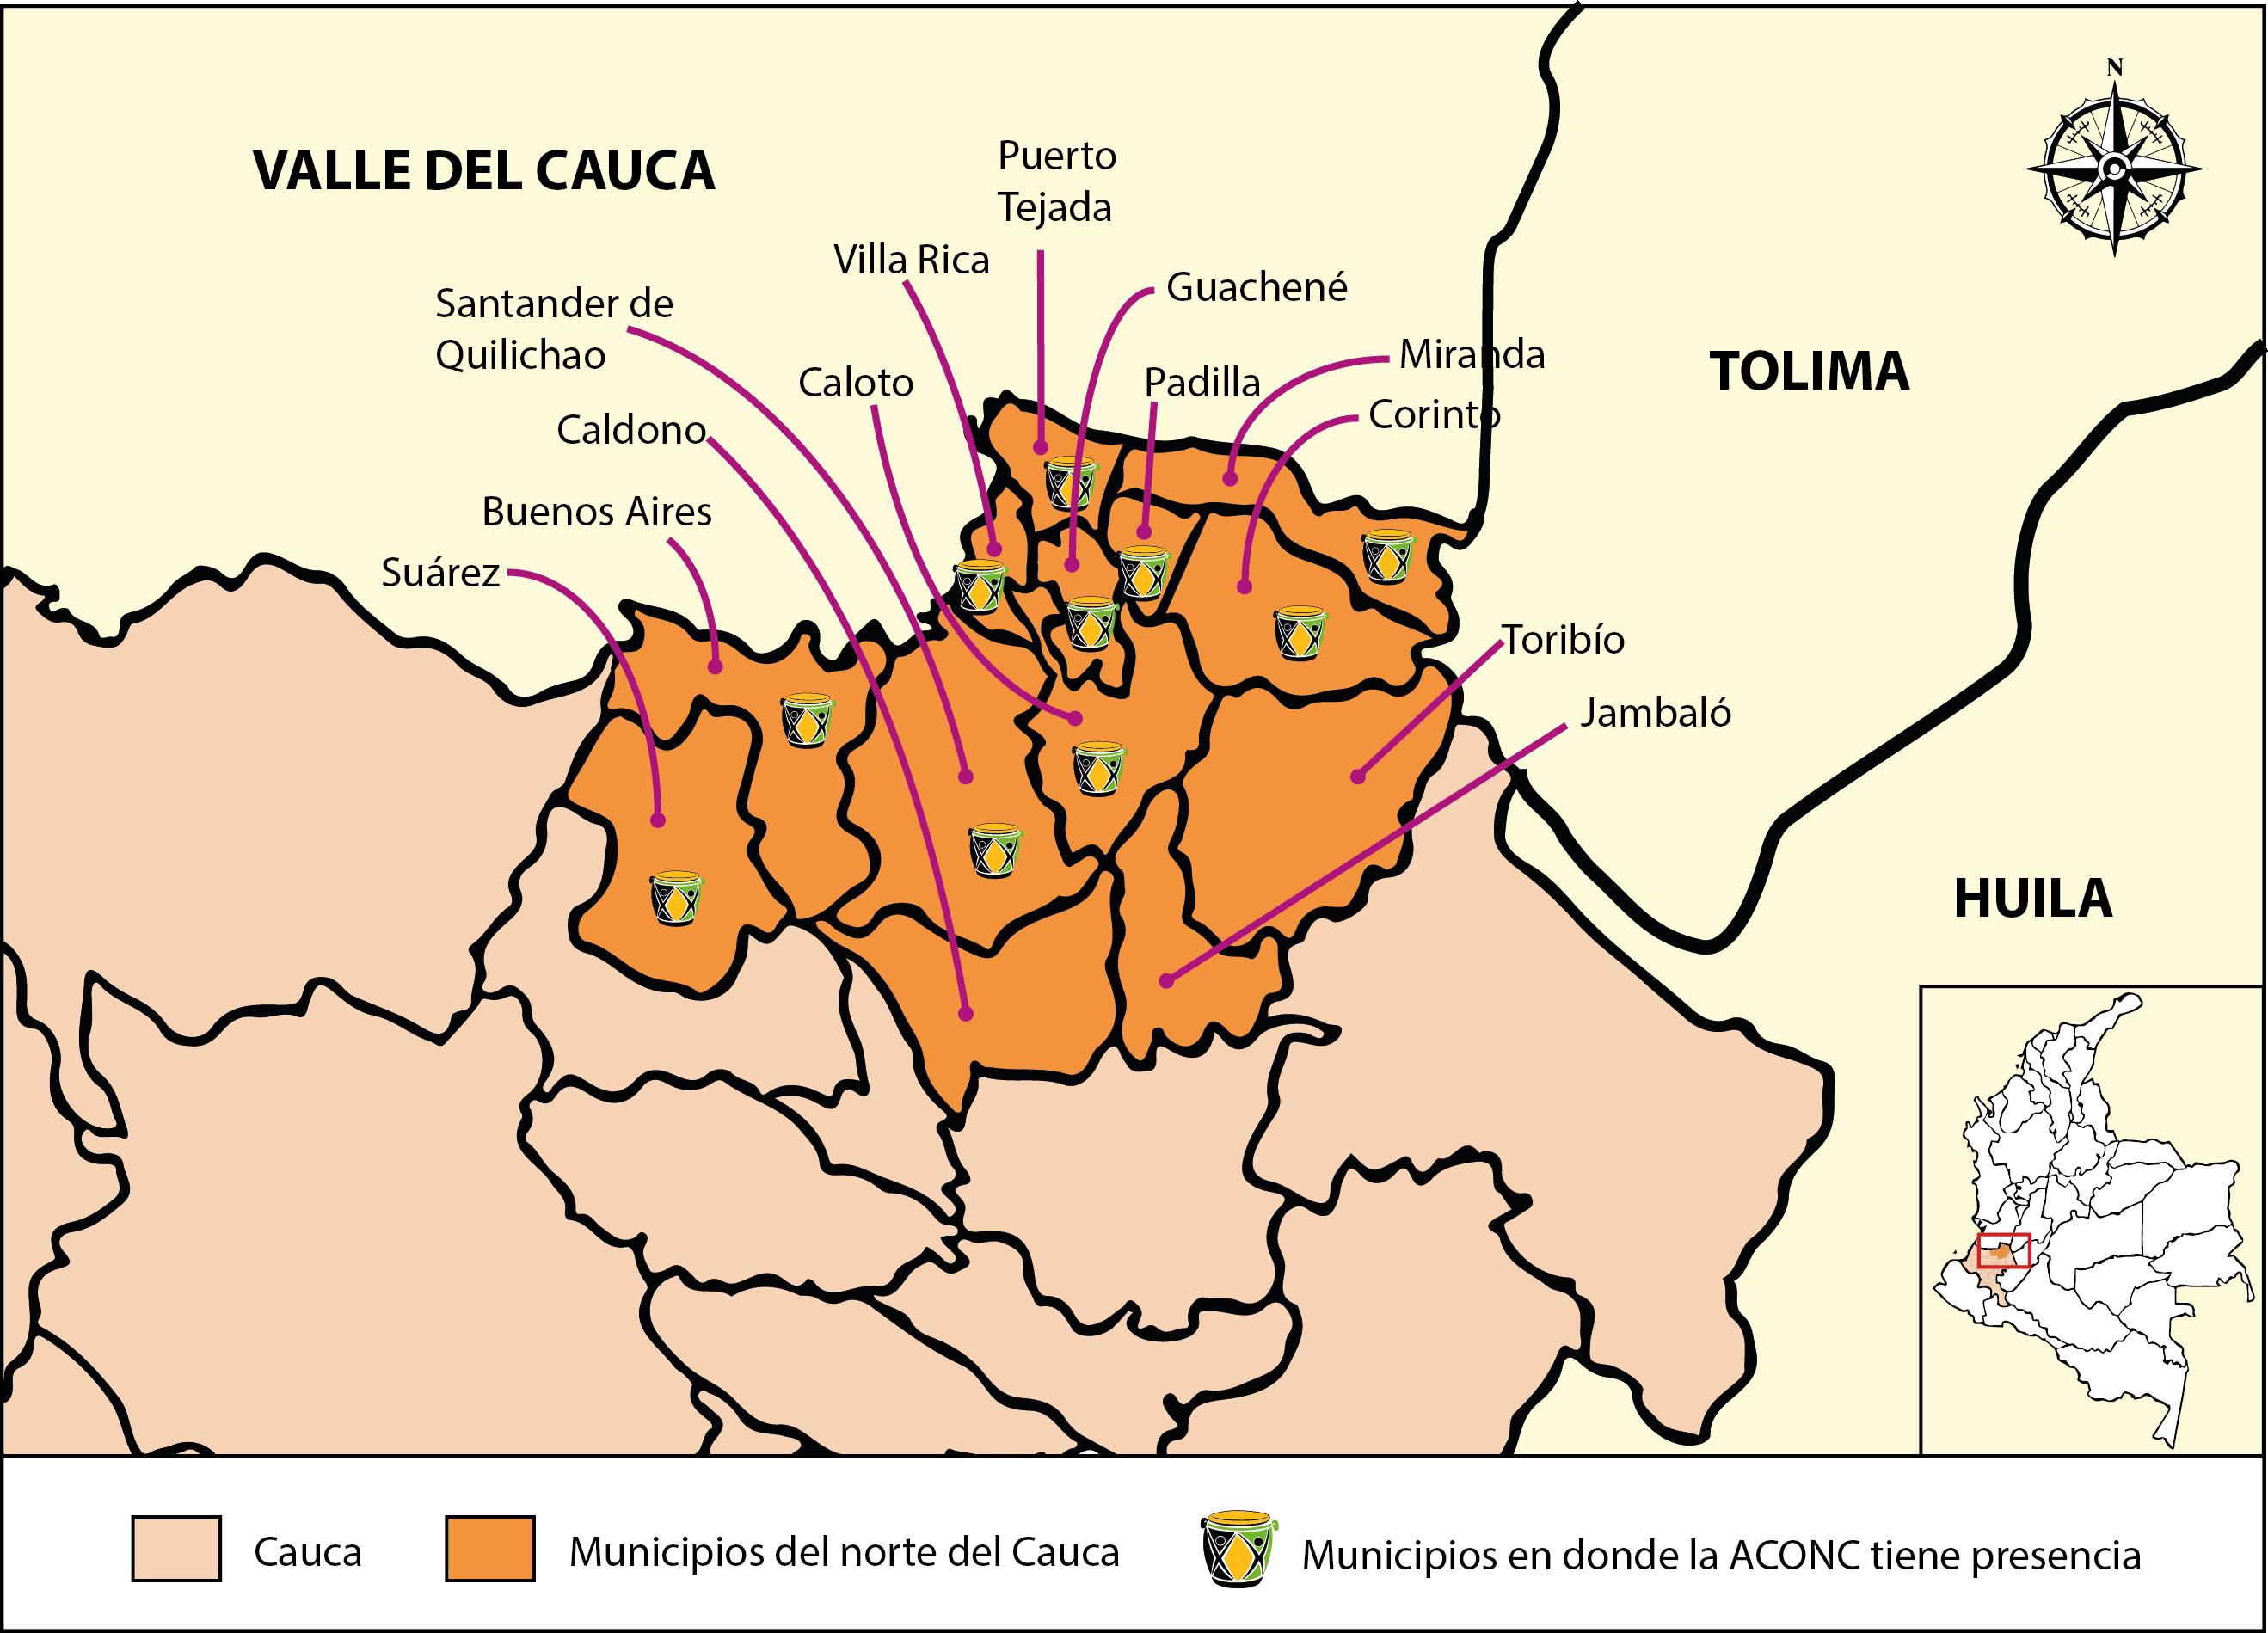 Municipios del norte del Cauca en los que la Aconc tiene presencia. Elaboración propia.